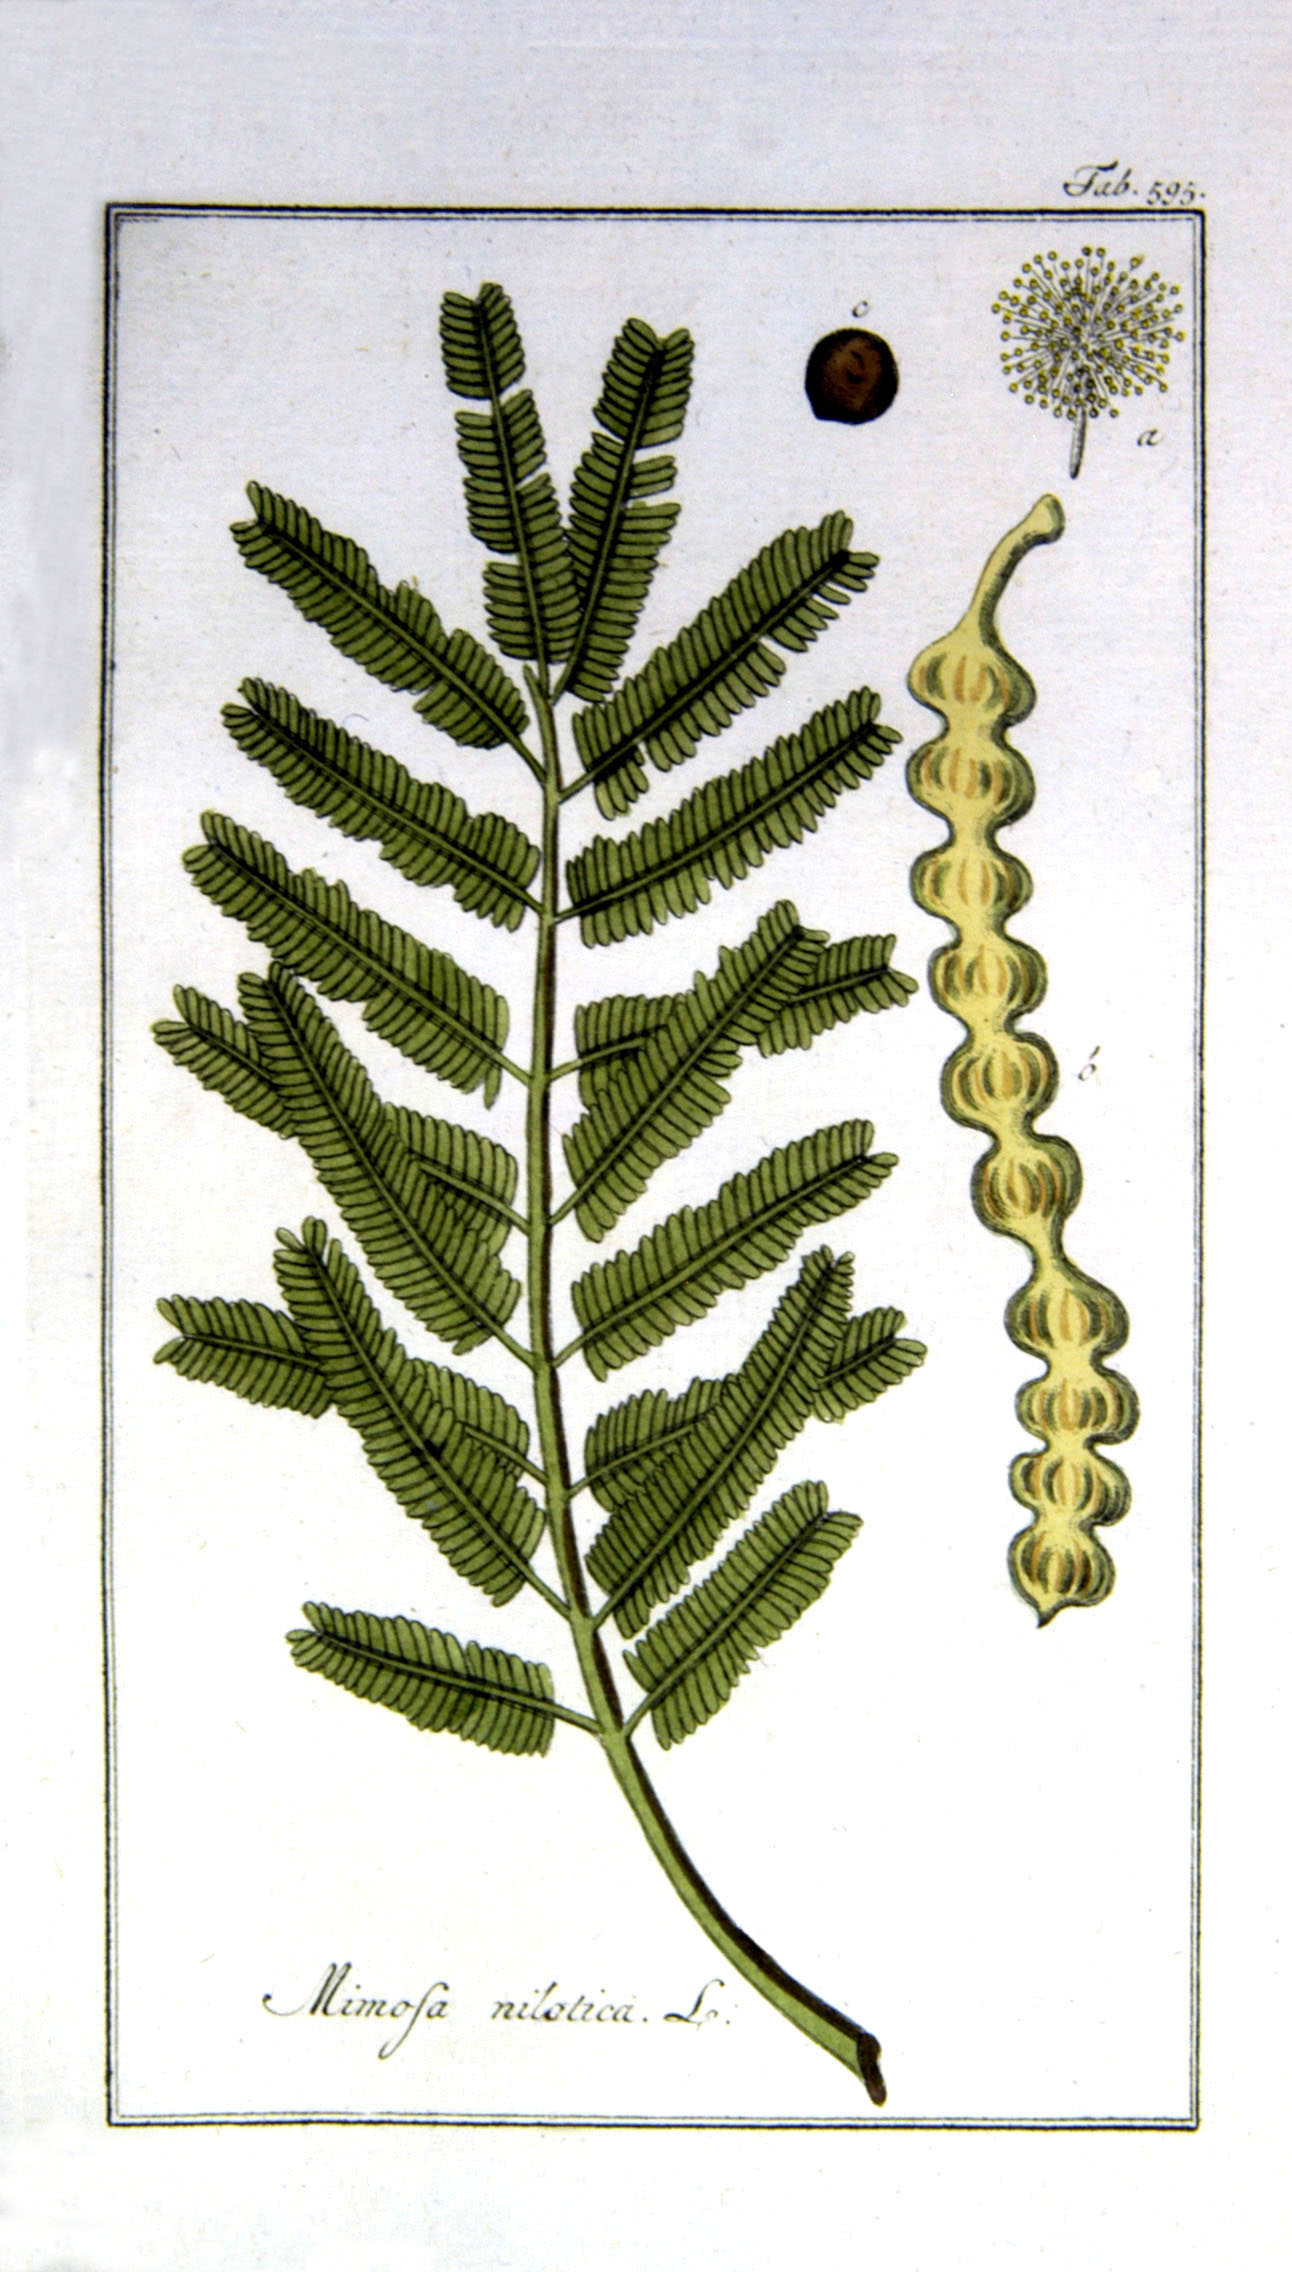 Acacia nilotica/Vachellia nilotica